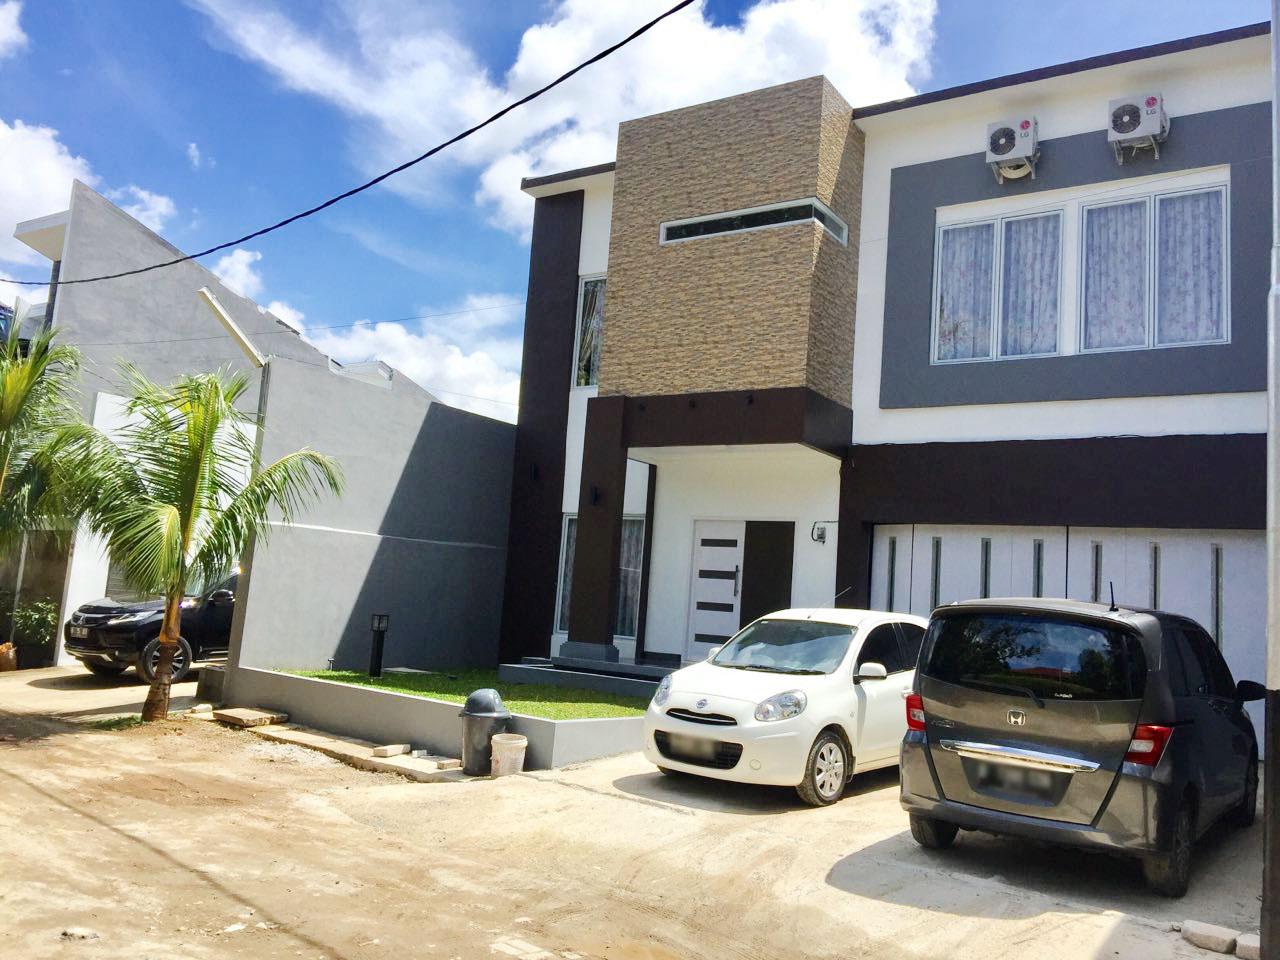 Rumah Nyaman dan Siap Huni di Kawasan Bintaro Permai, DKI